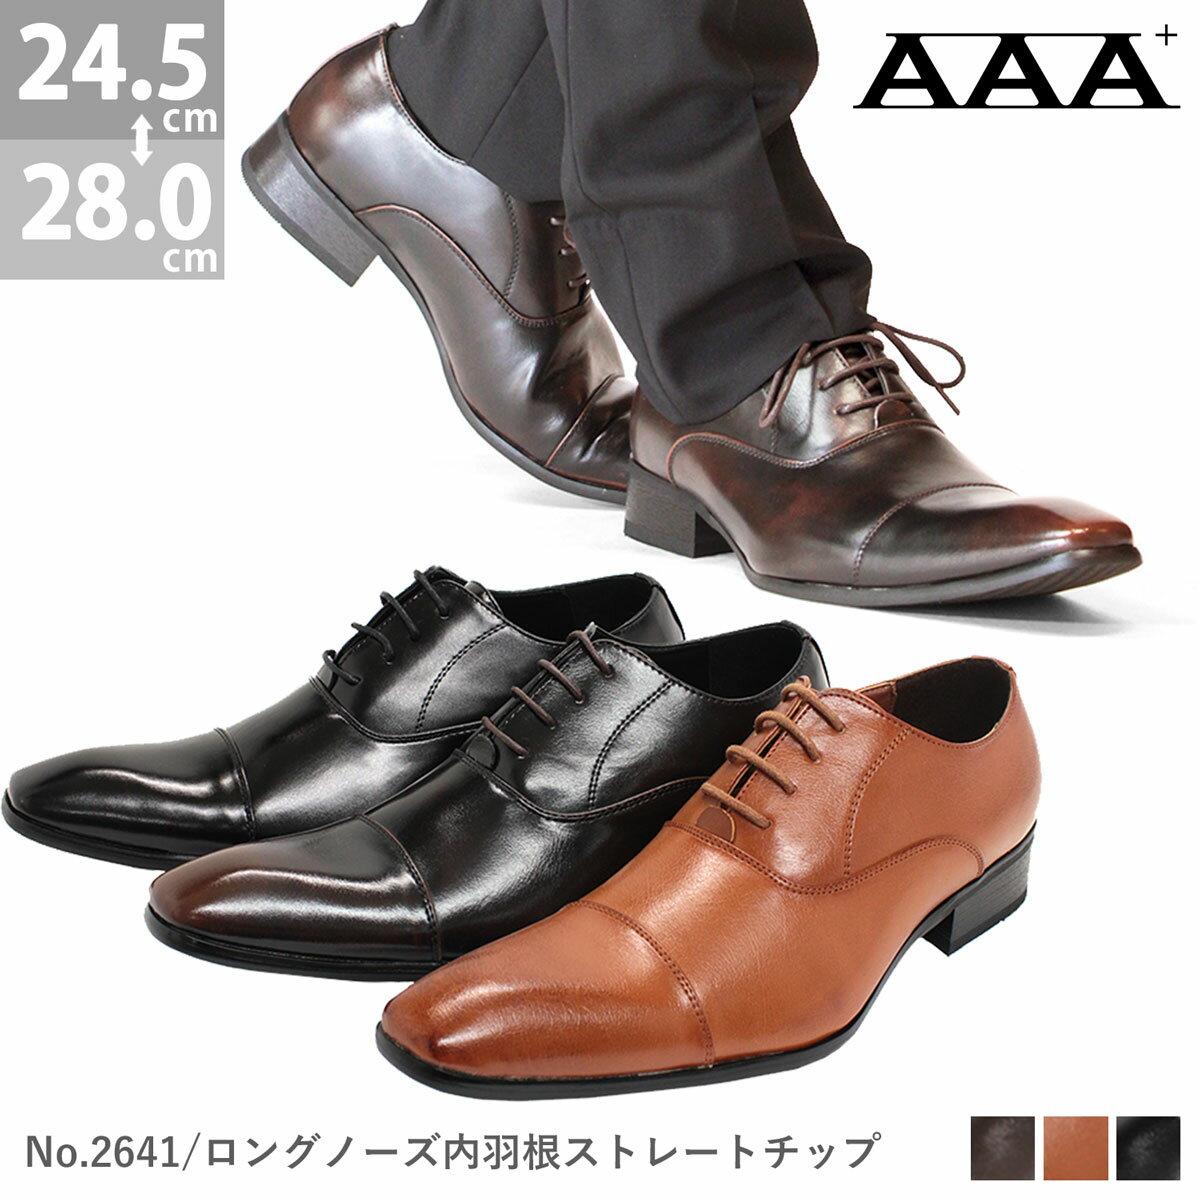 [ポイント2倍&送料無料][AAA+ サンエープラス]2641 BLACK BROWN D…...:zealmarket:10006295